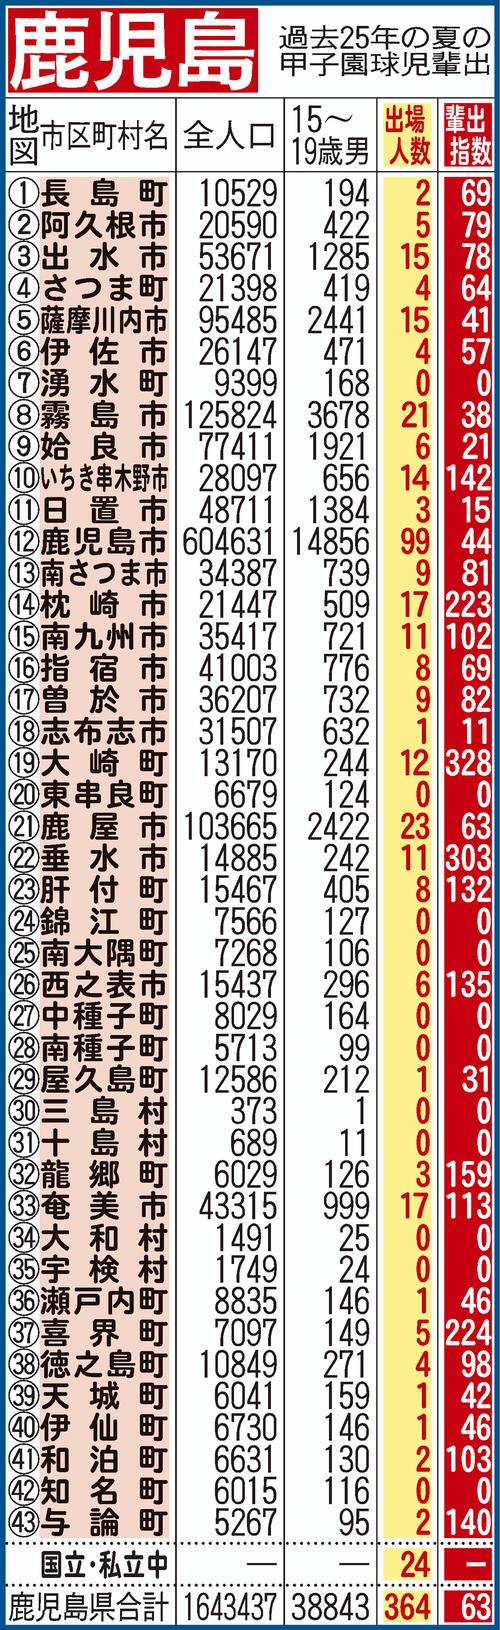 過去25年間における鹿児島県地域別の甲子園輩出指数